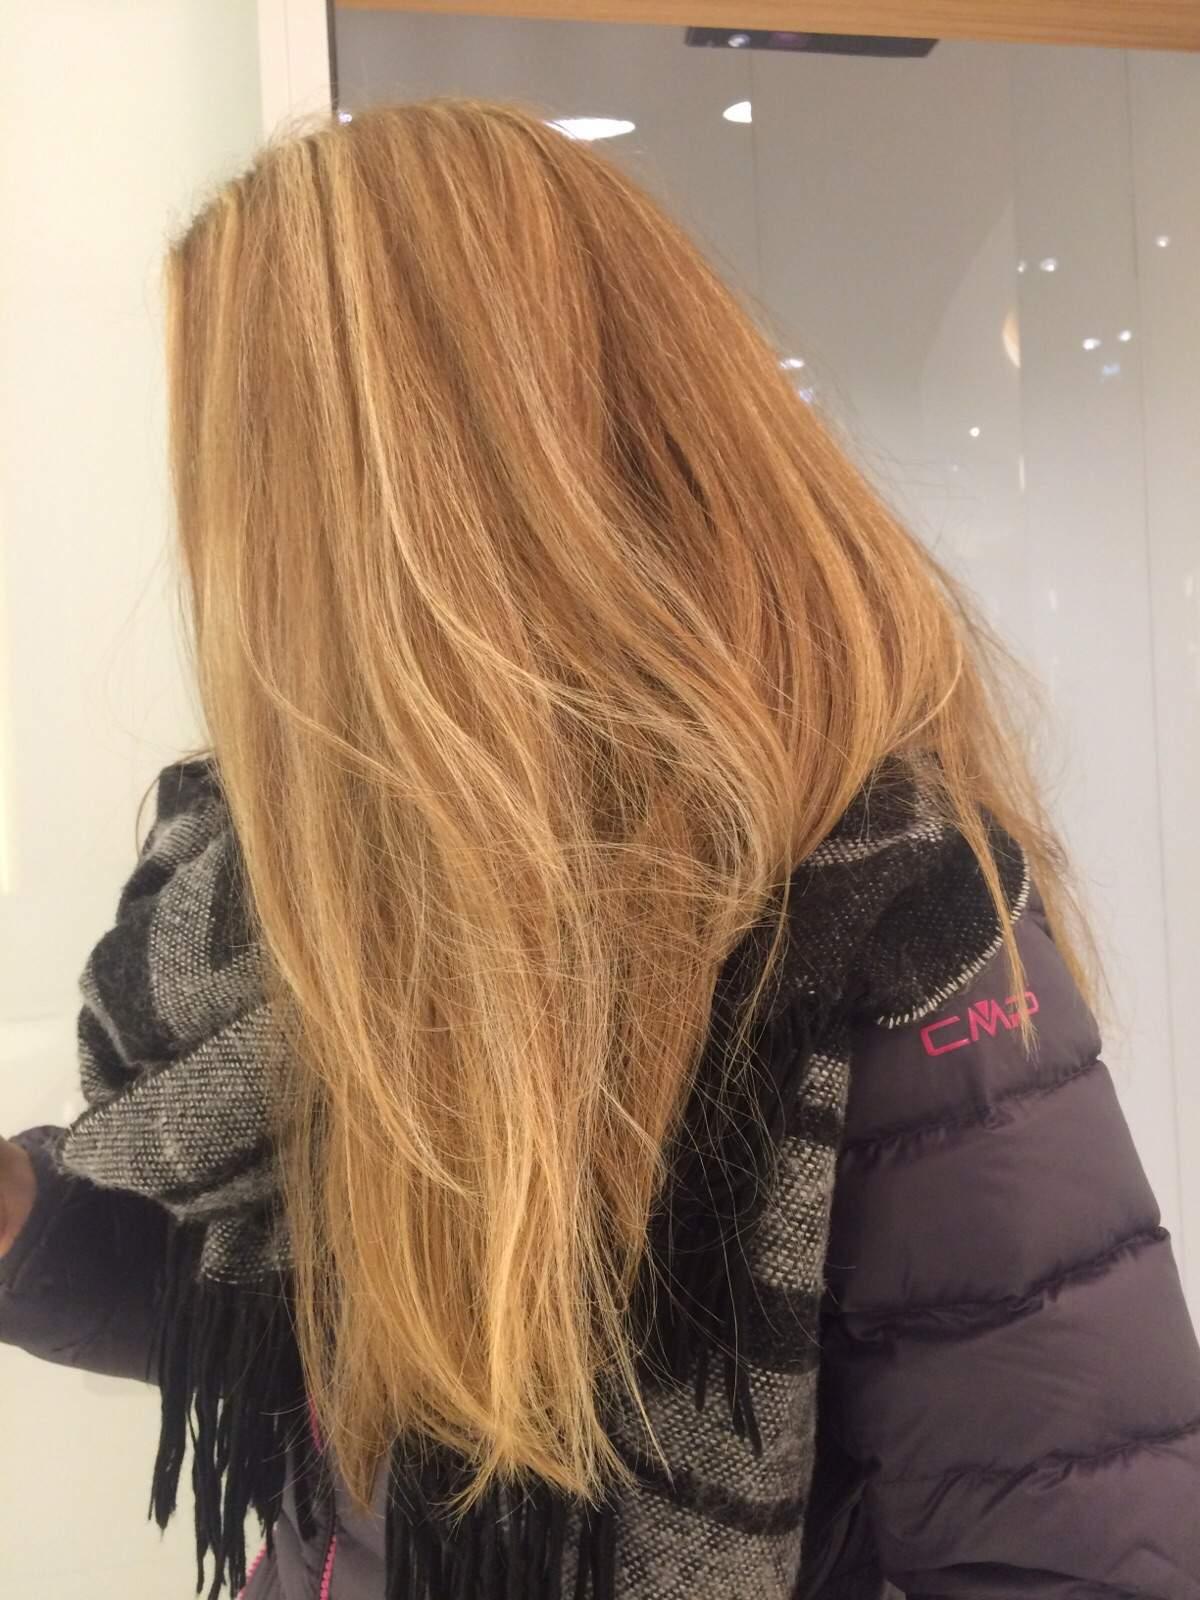 Strähnen braune haare mit blonde alfacgielo: Blonde